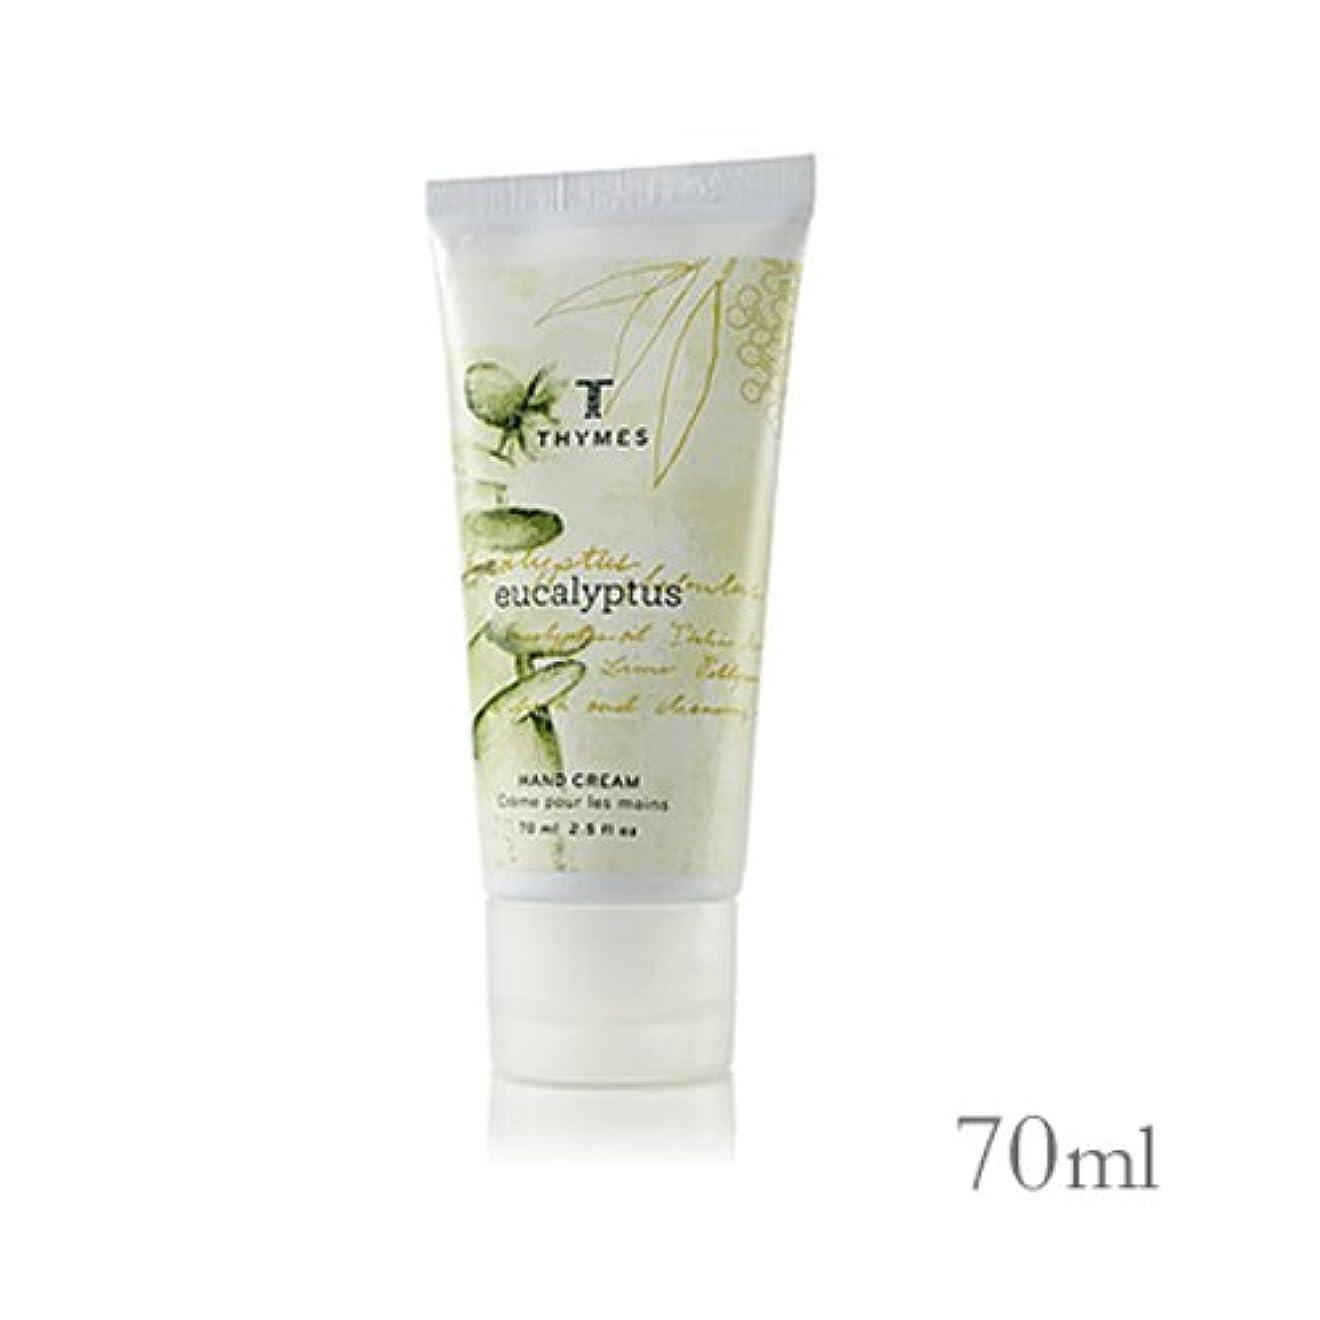 バナーミュージカル状況THYMES タイムズ ハンドクリーム 70ml ユーカリ Hand Cream 2.5 fl oz Eucalyptus [並行輸入品]